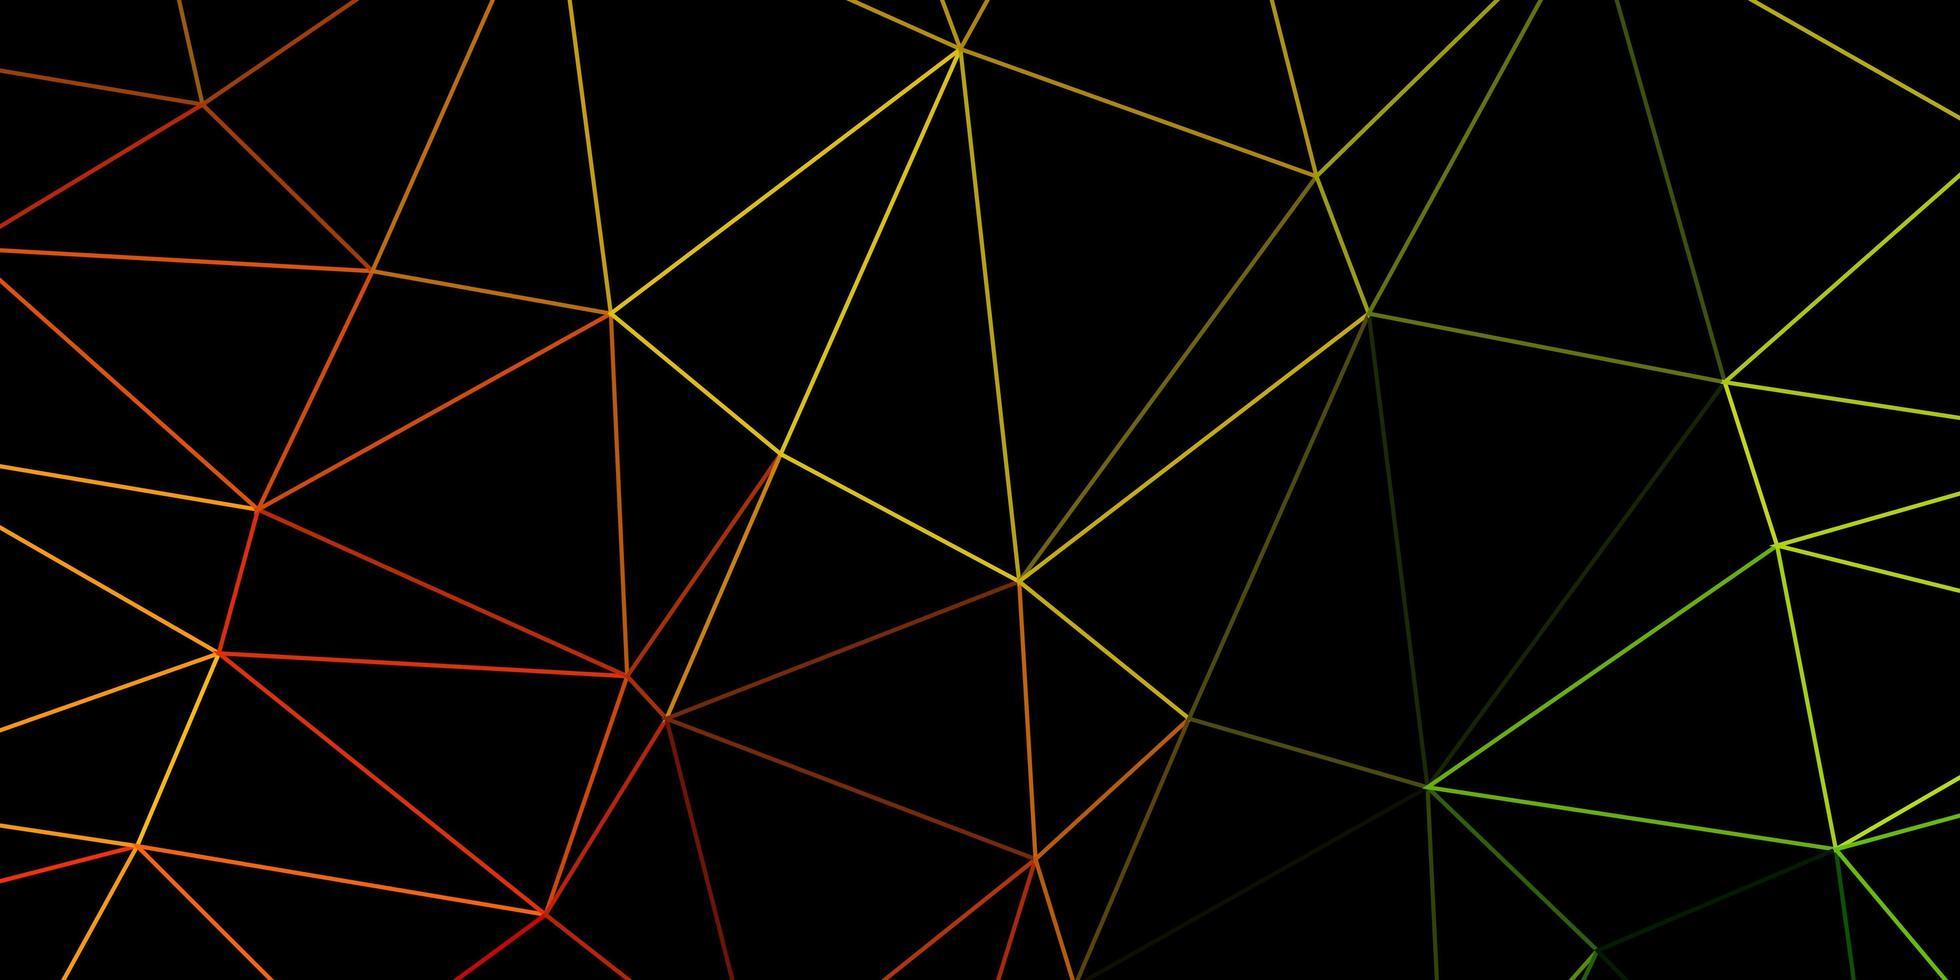 ljusgrönt, gult månghörnigt mönster. vektor